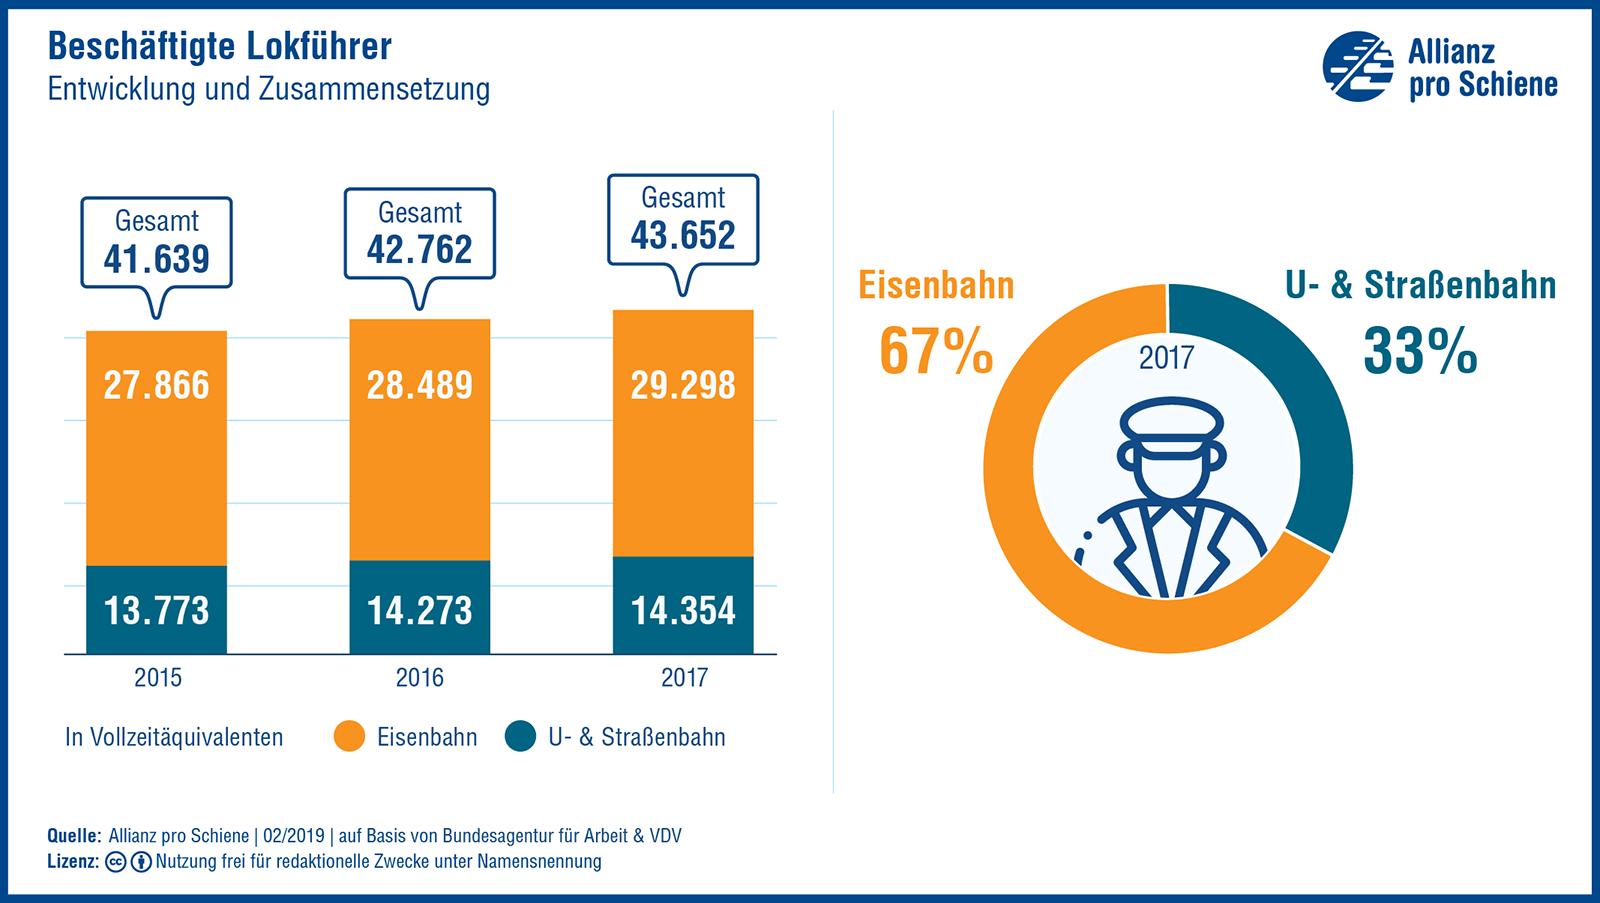 Beschäftigte Lokführer: Entwicklung und Zusammensetzung 2015-2017, Eisenbahn, U-Bahn